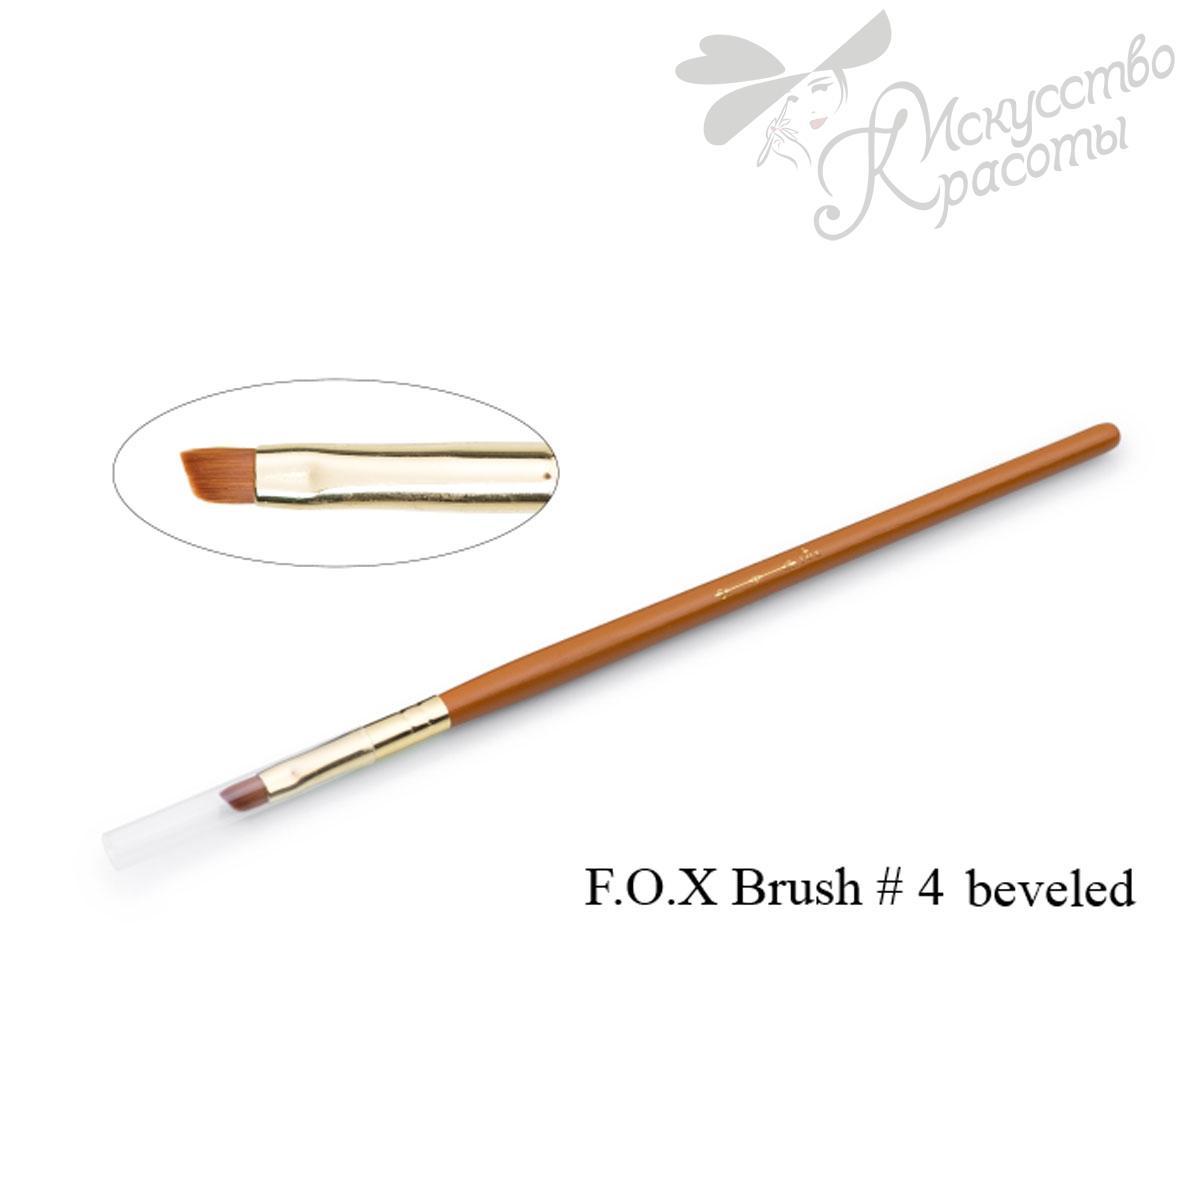 Кисть для дизайна 4 скошенная FOX